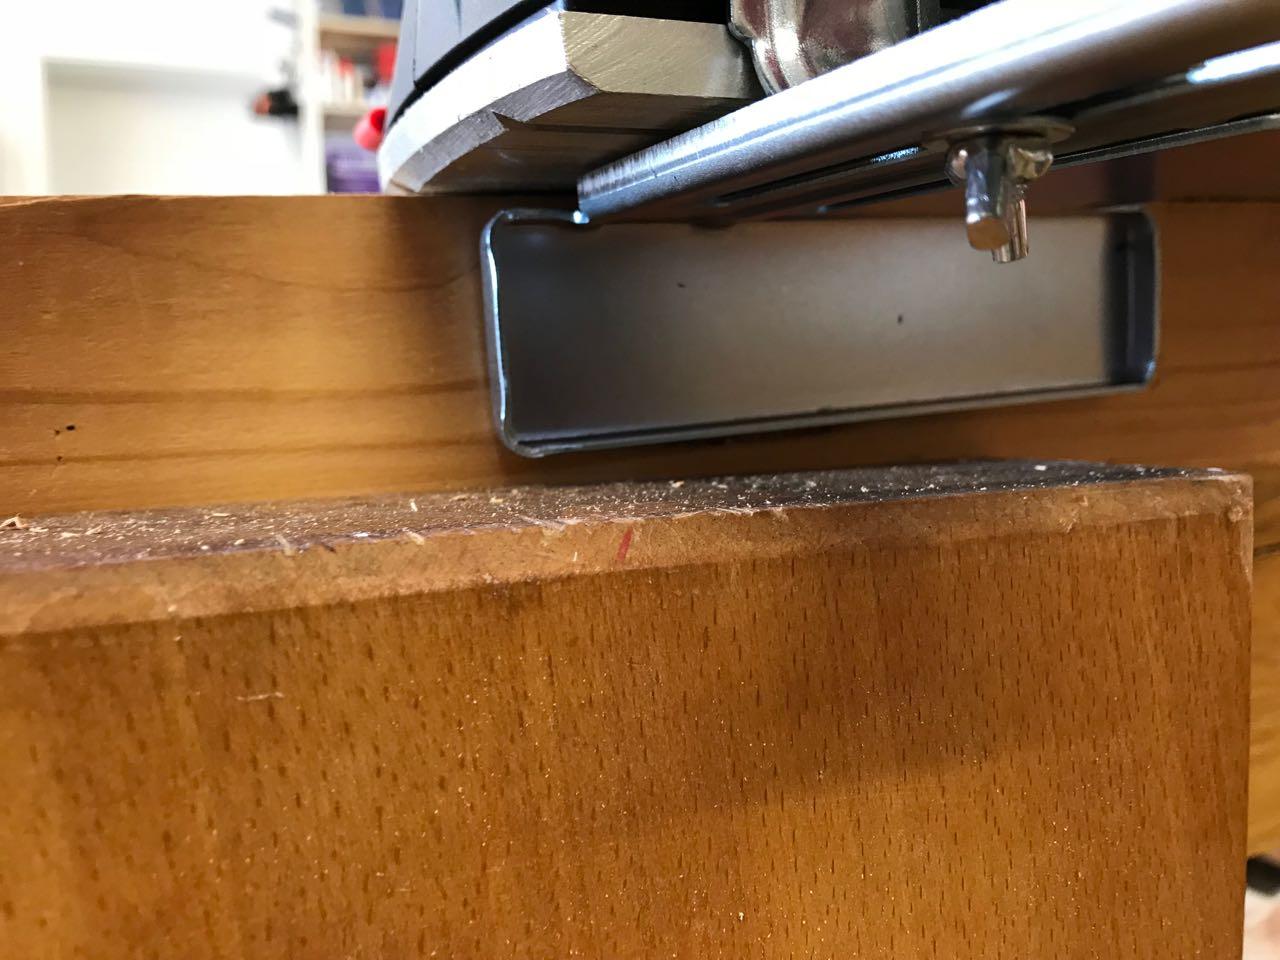 Hervorragend Elektrisch Hobeln - eine kleine Einführung - Holz und Leim RC52